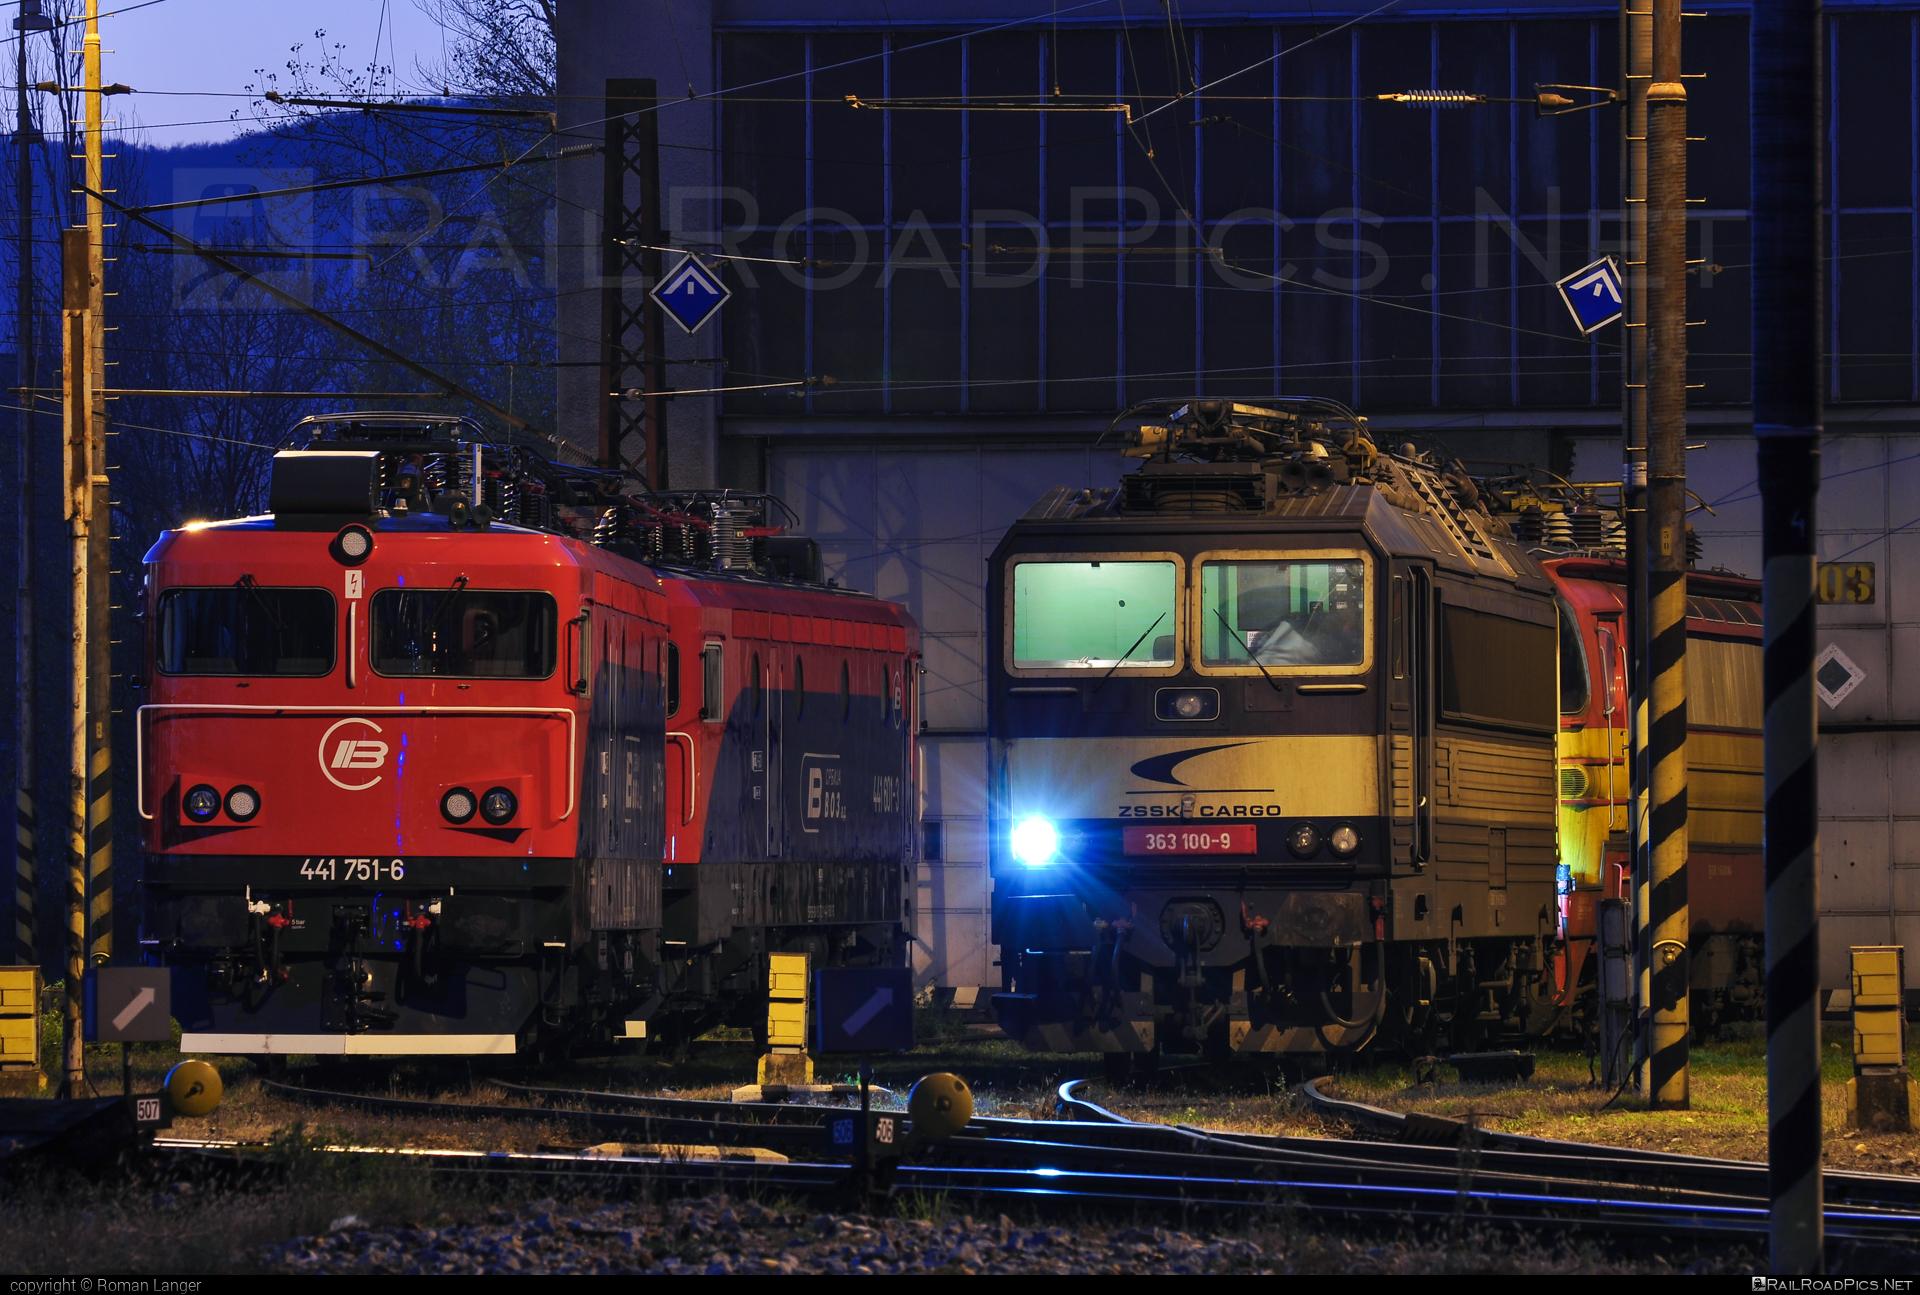 Škoda 69E - 363 100-9 operated by Železničná Spoločnost' Cargo Slovakia a.s. #ZeleznicnaSpolocnostCargoSlovakia #es4991 #eso #locomotive363 #skoda #skoda69e #zsskcargo